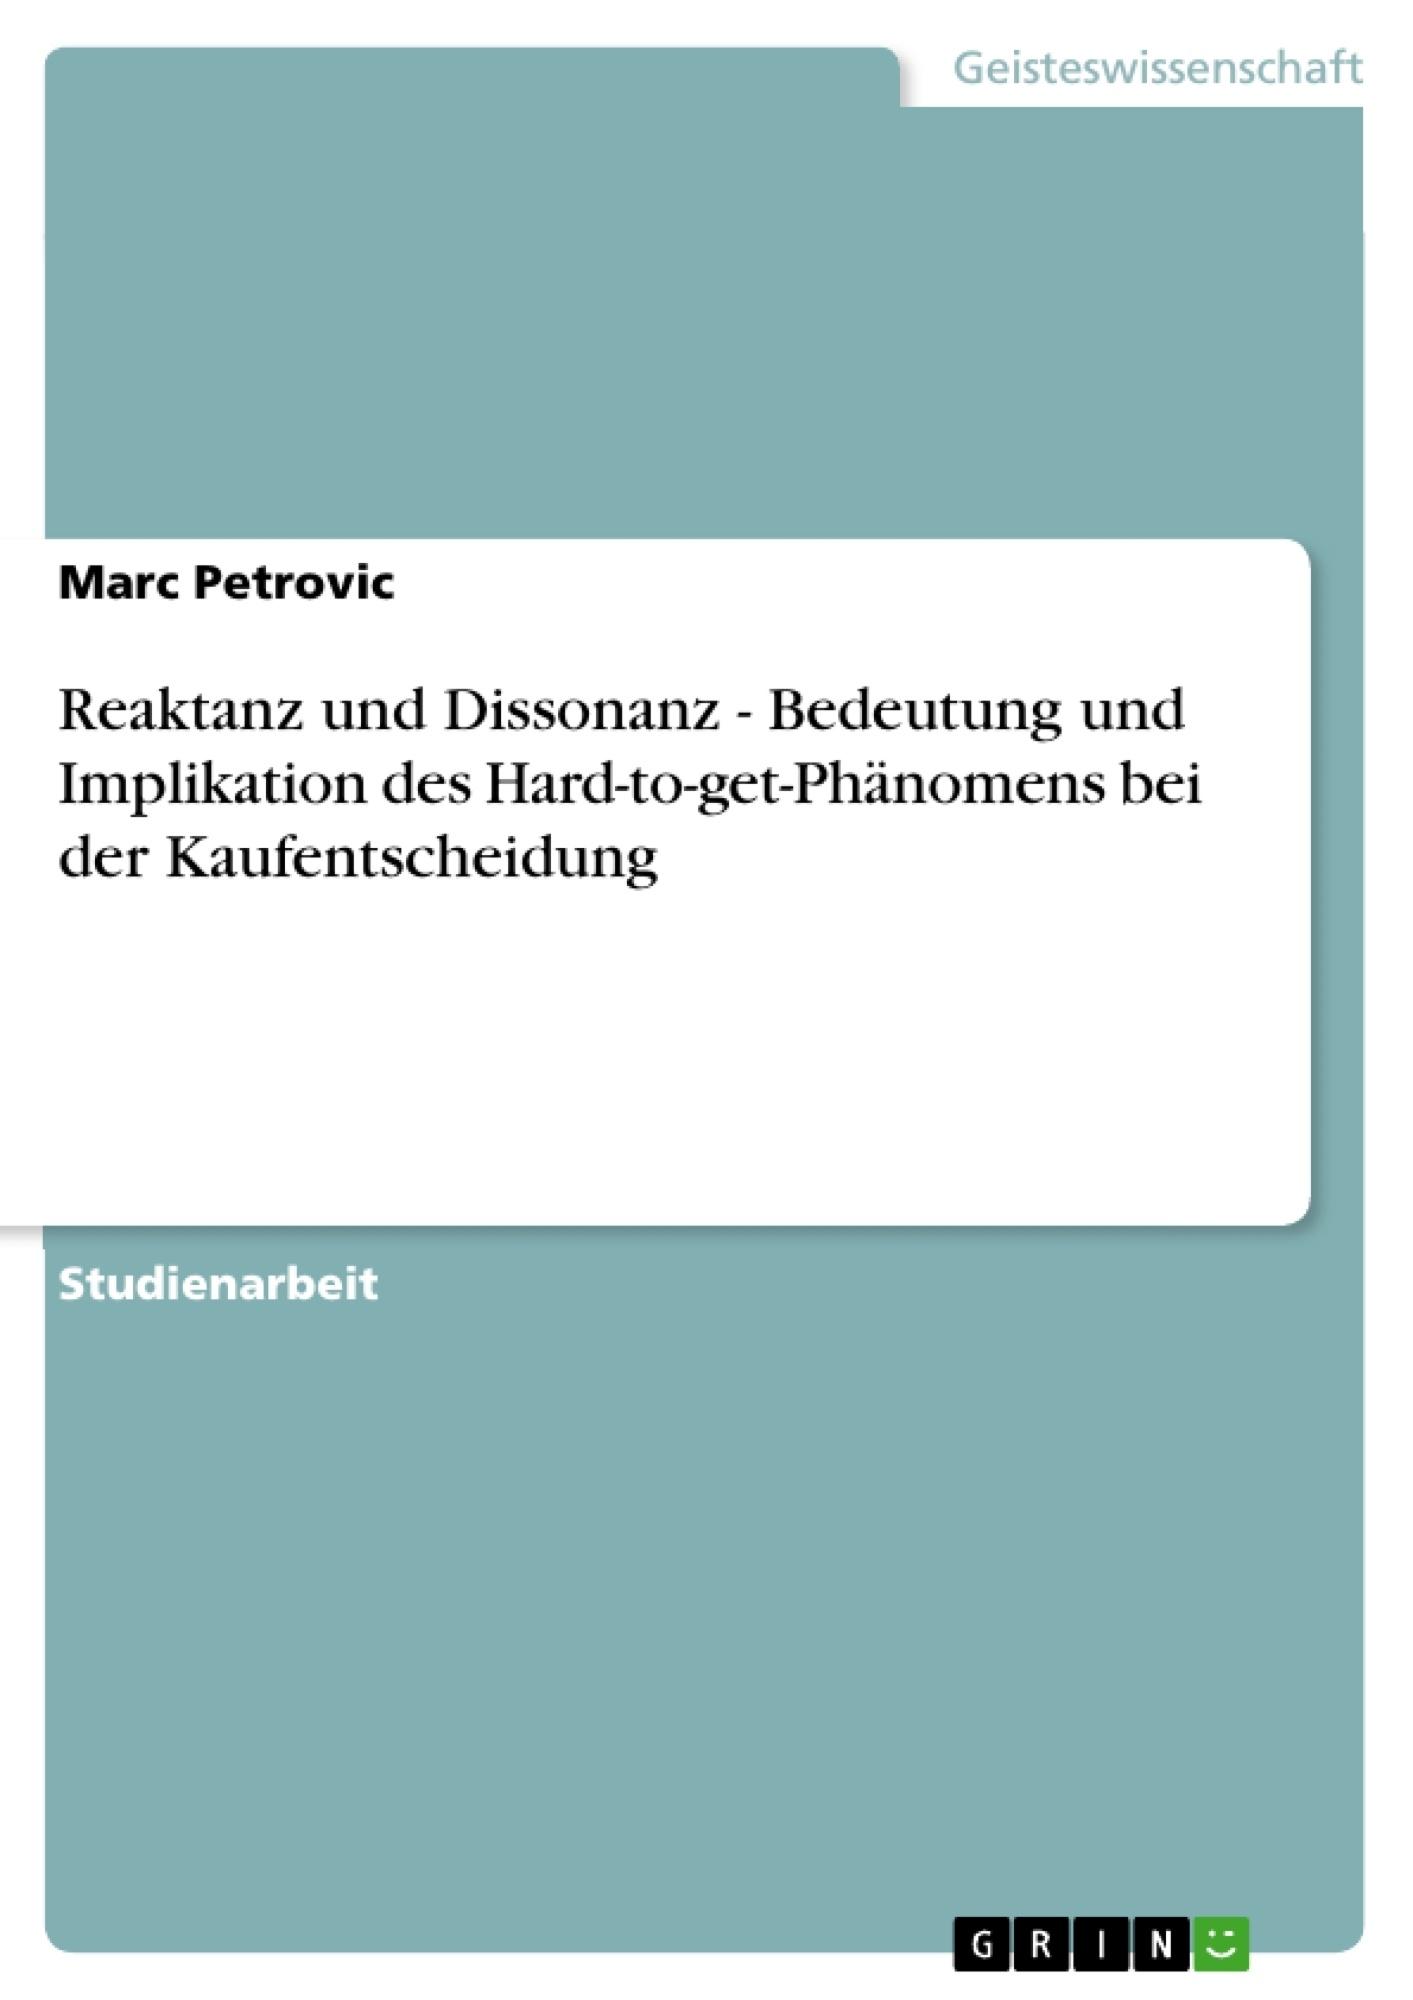 Titel: Reaktanz und Dissonanz - Bedeutung und Implikation des Hard-to-get-Phänomens bei der Kaufentscheidung